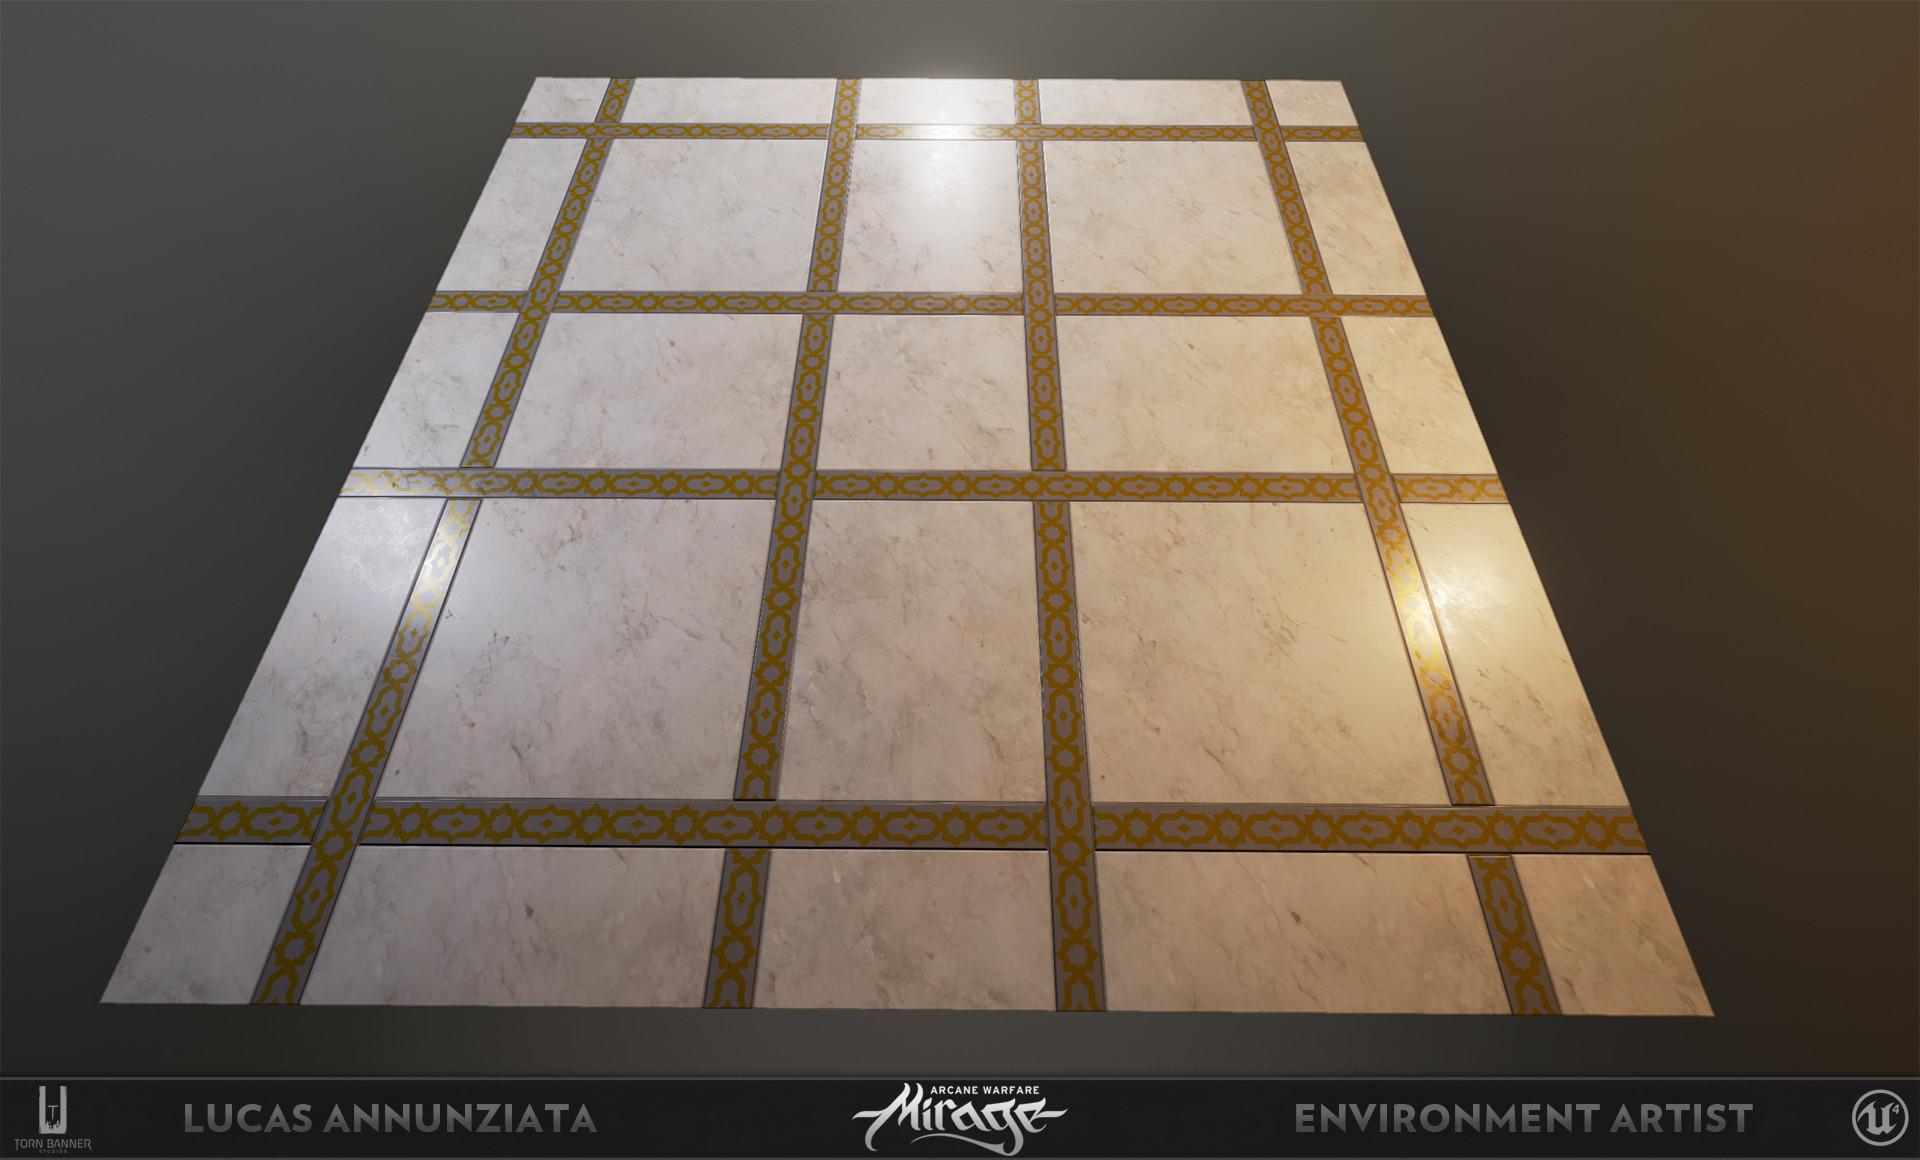 Lucas annunziata marble 2